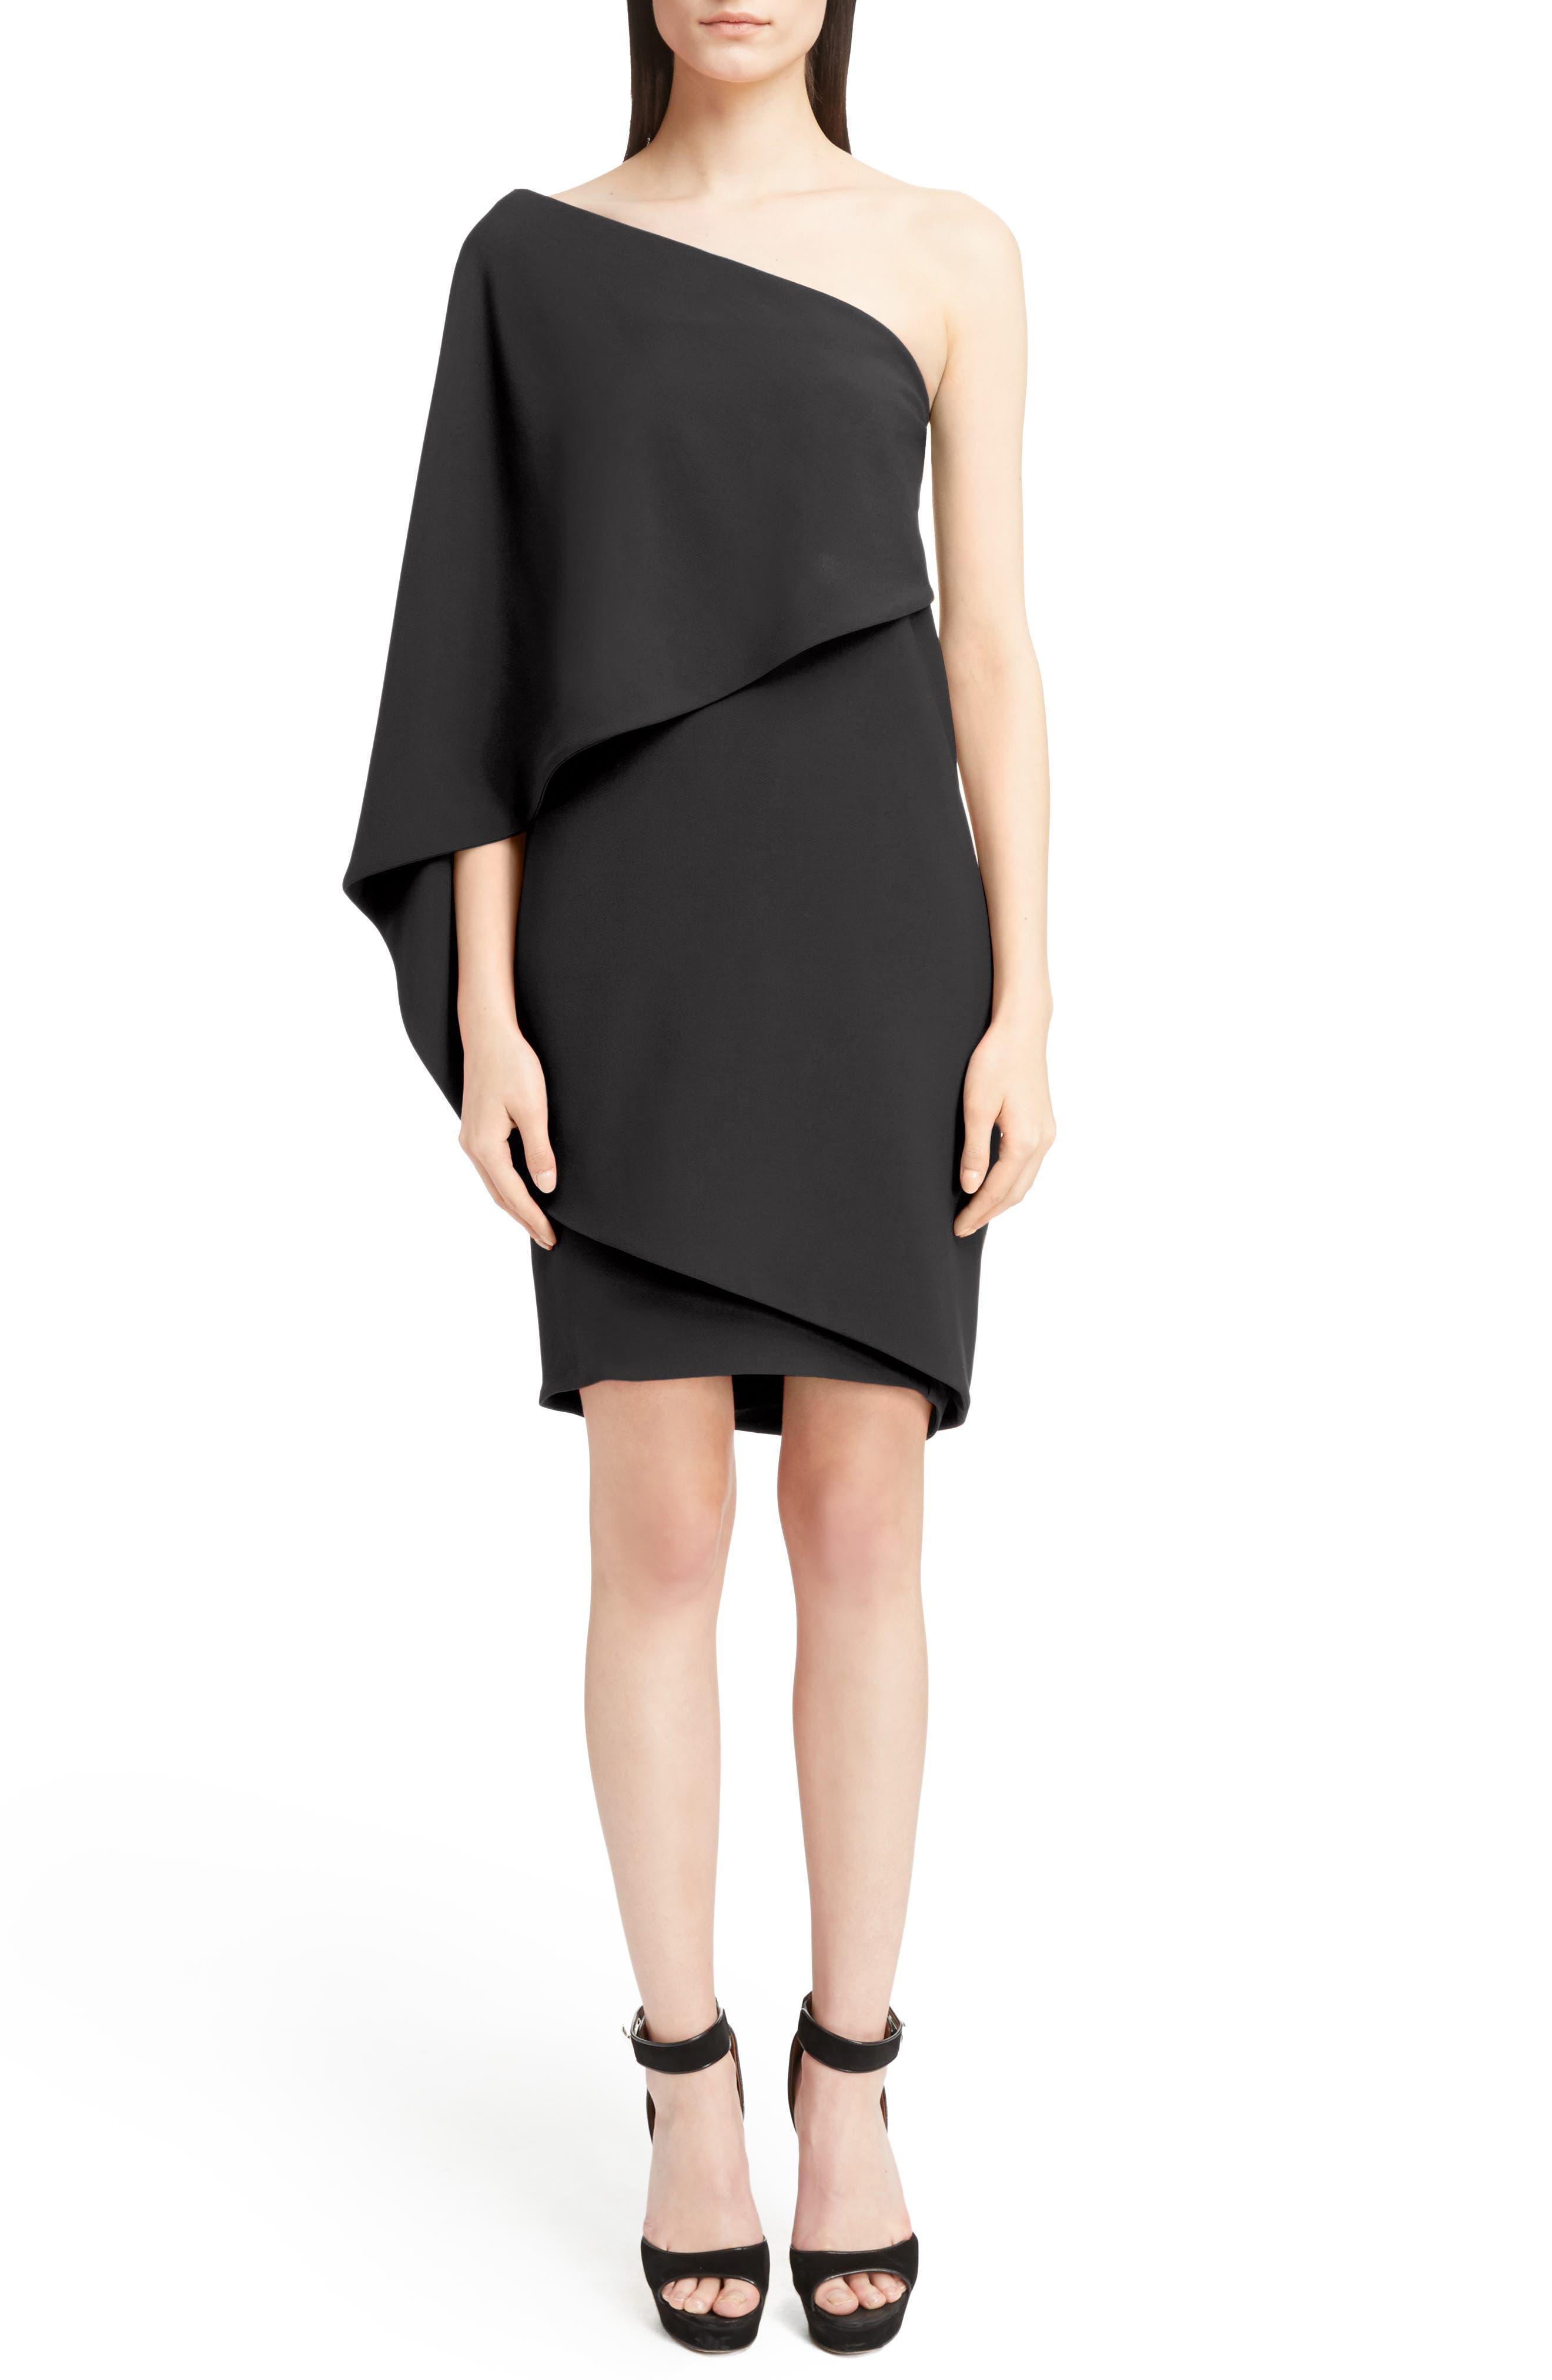 Givenchy Stretch Cady Cape Dress